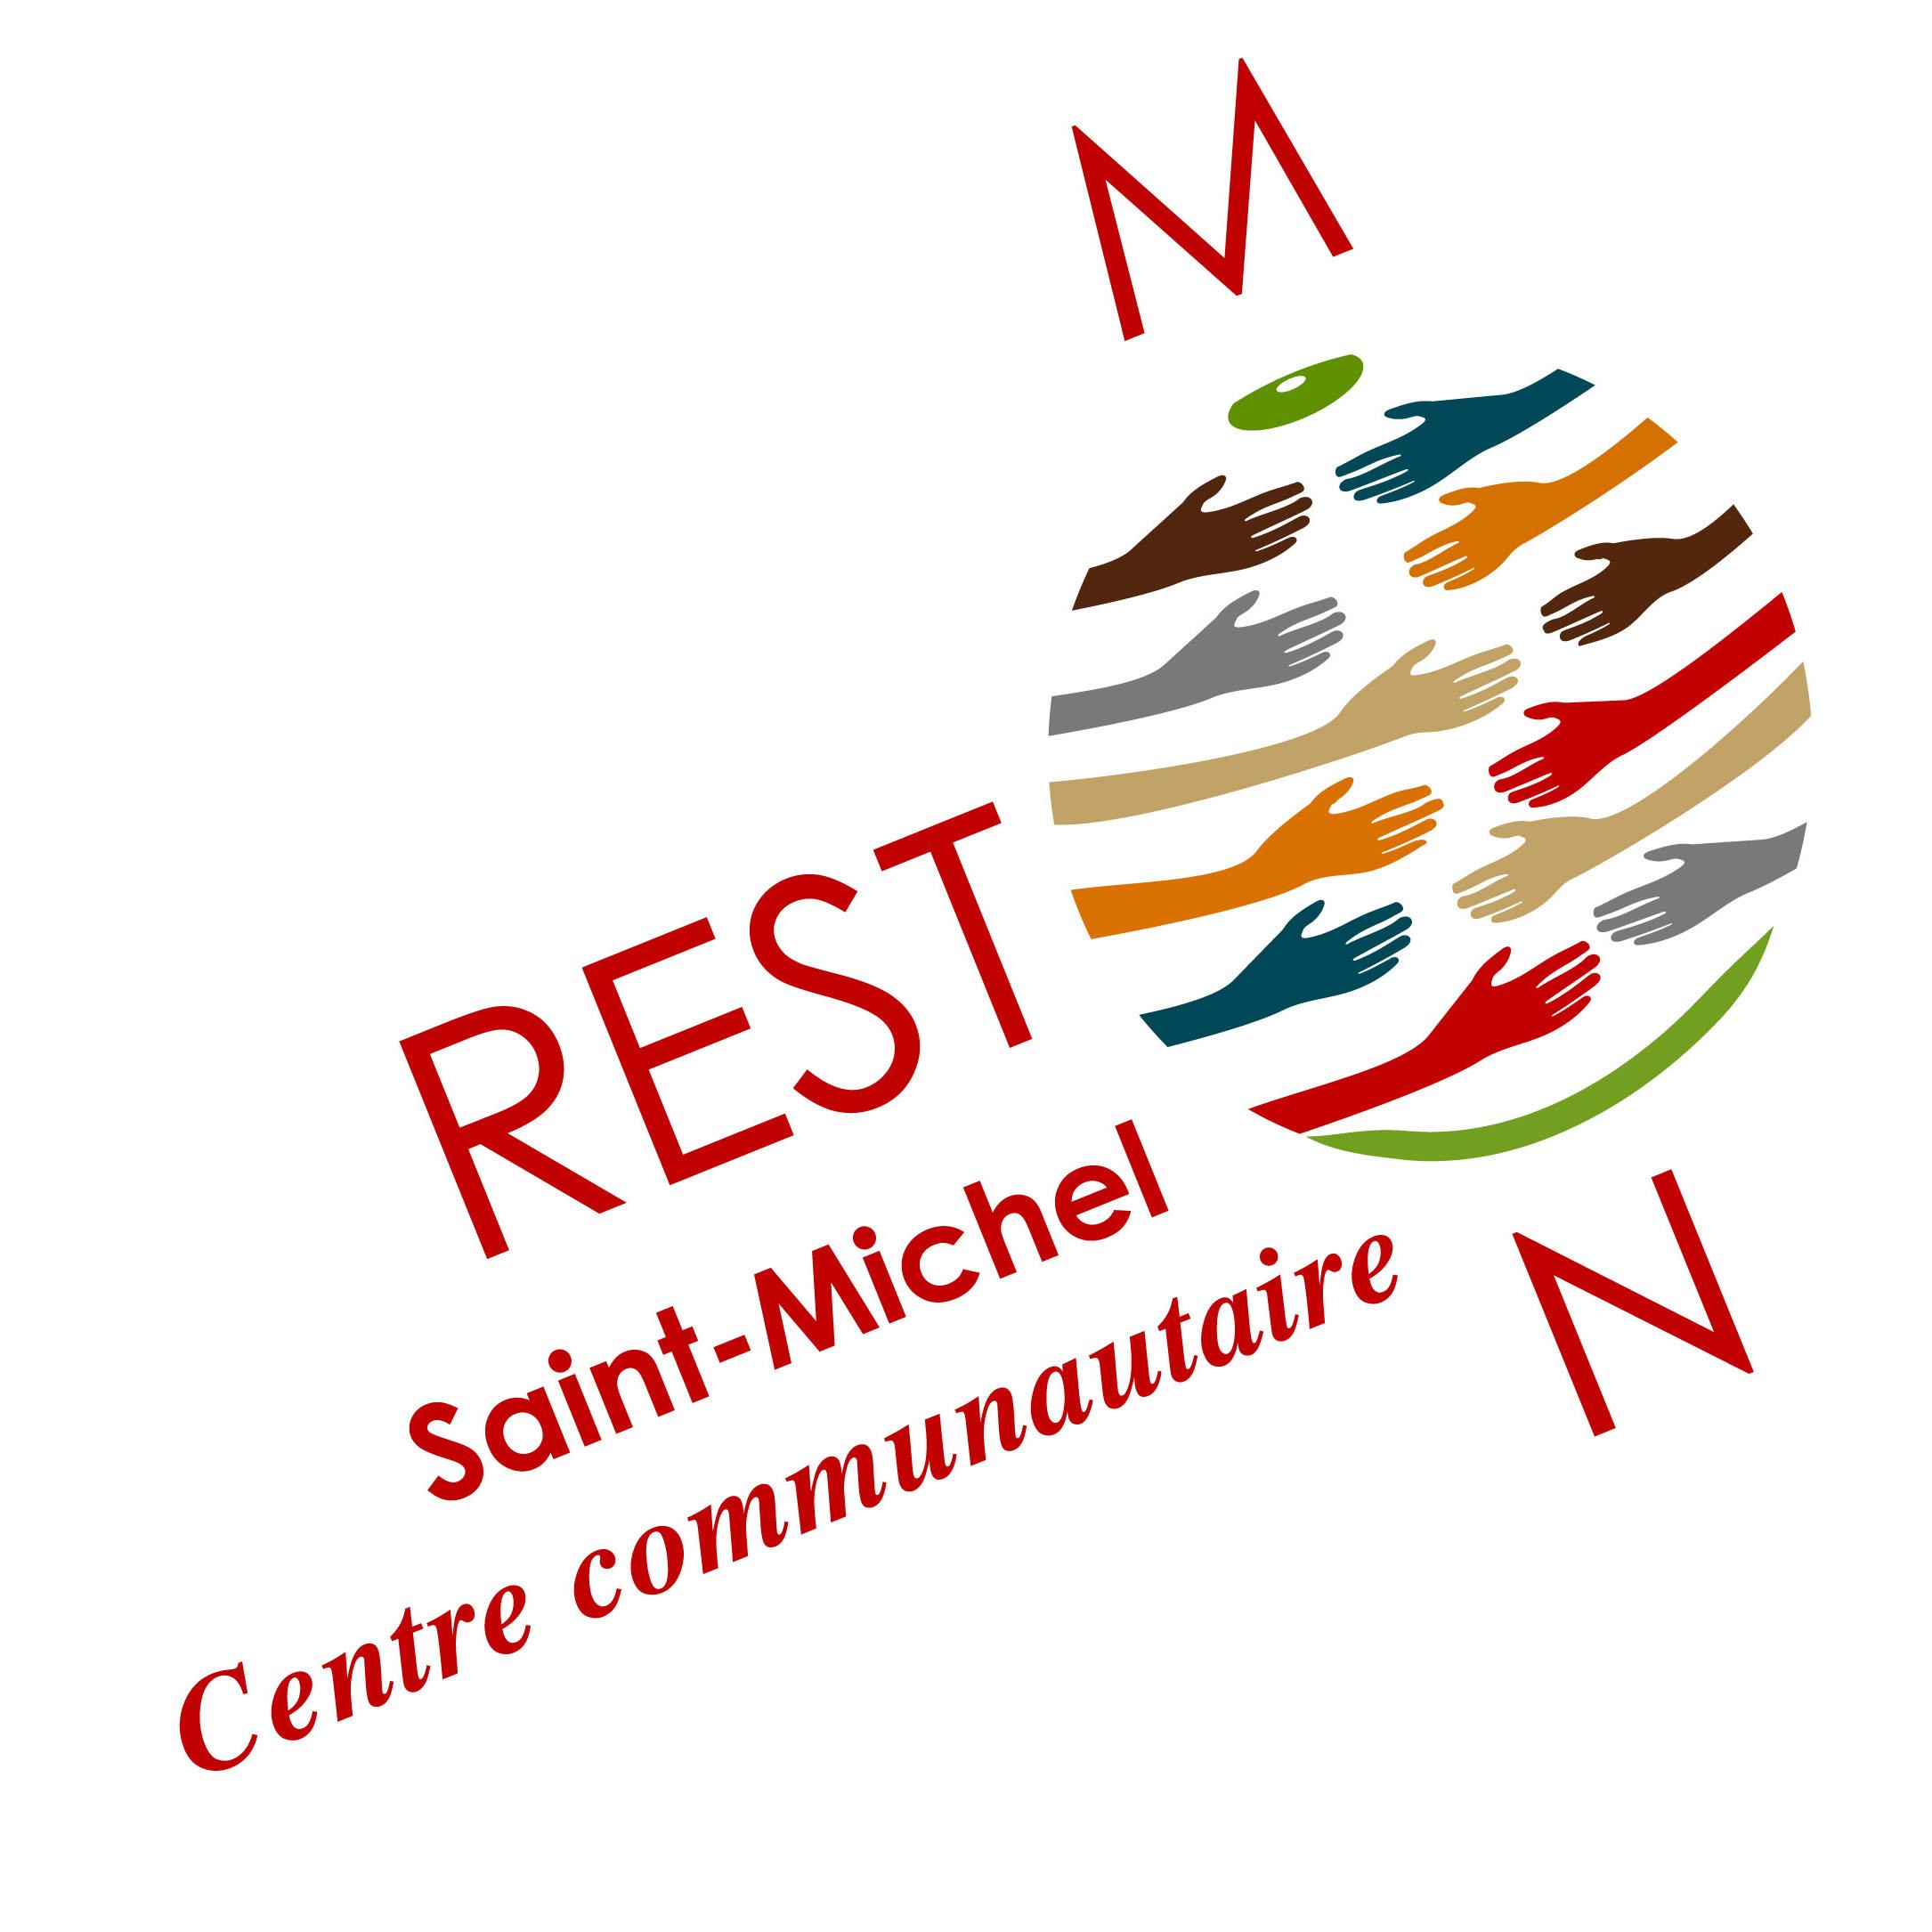 Mon Resto Saint-Michel